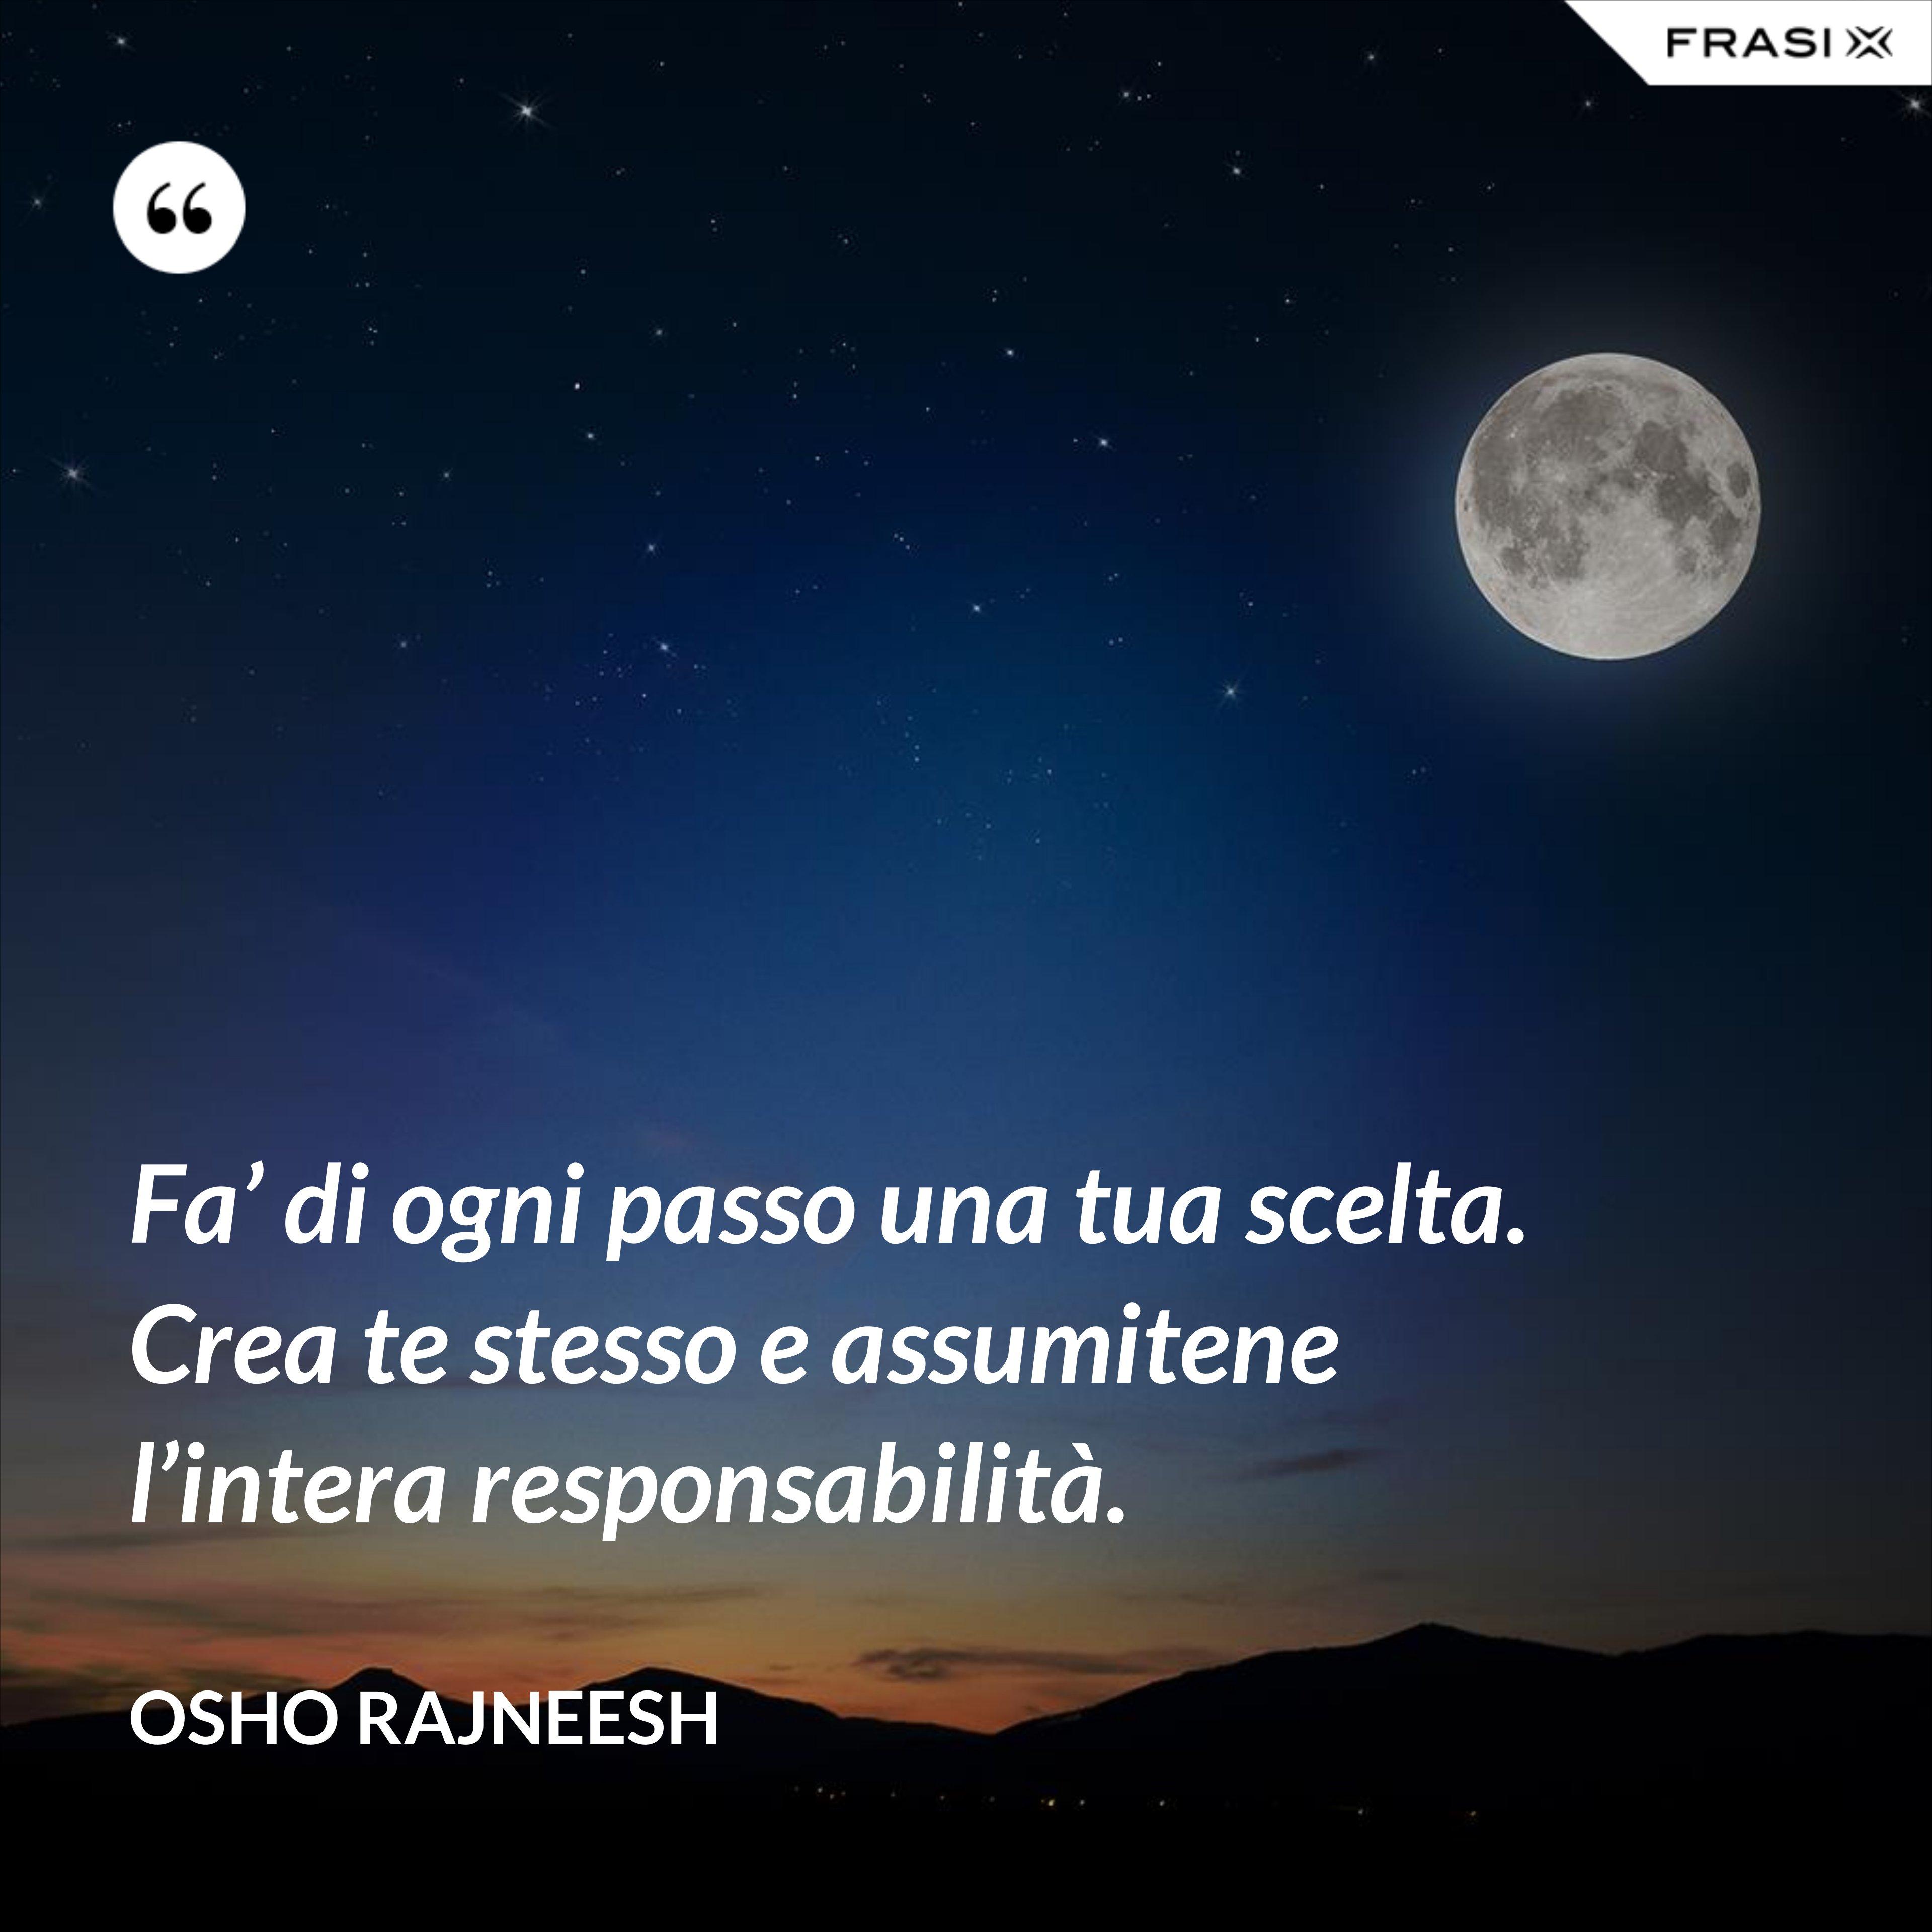 Fa' di ogni passo una tua scelta. Crea te stesso e assumitene l'intera responsabilità. - Osho Rajneesh